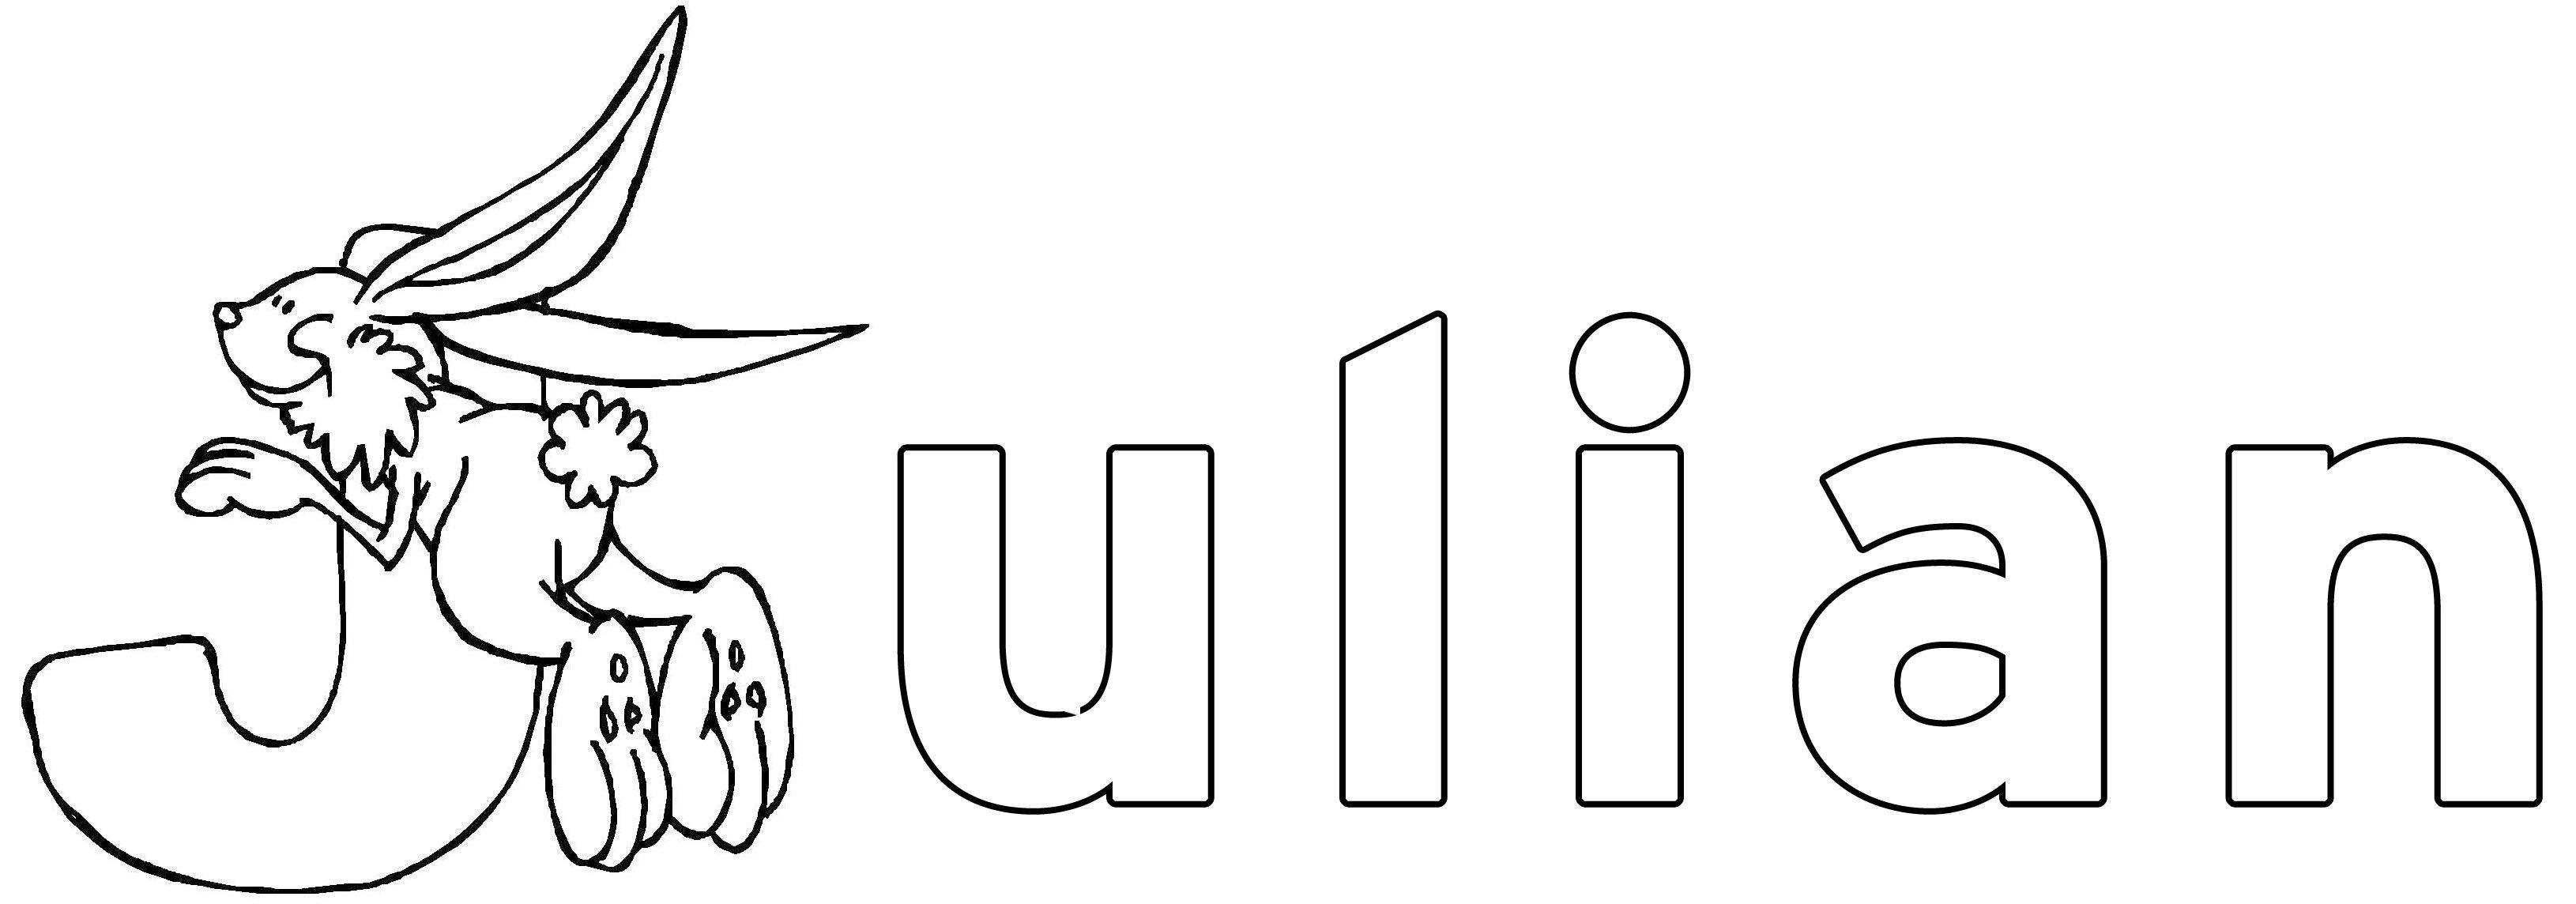 ausmalbild beliebte jungennamen julian kostenlos ausdrucken